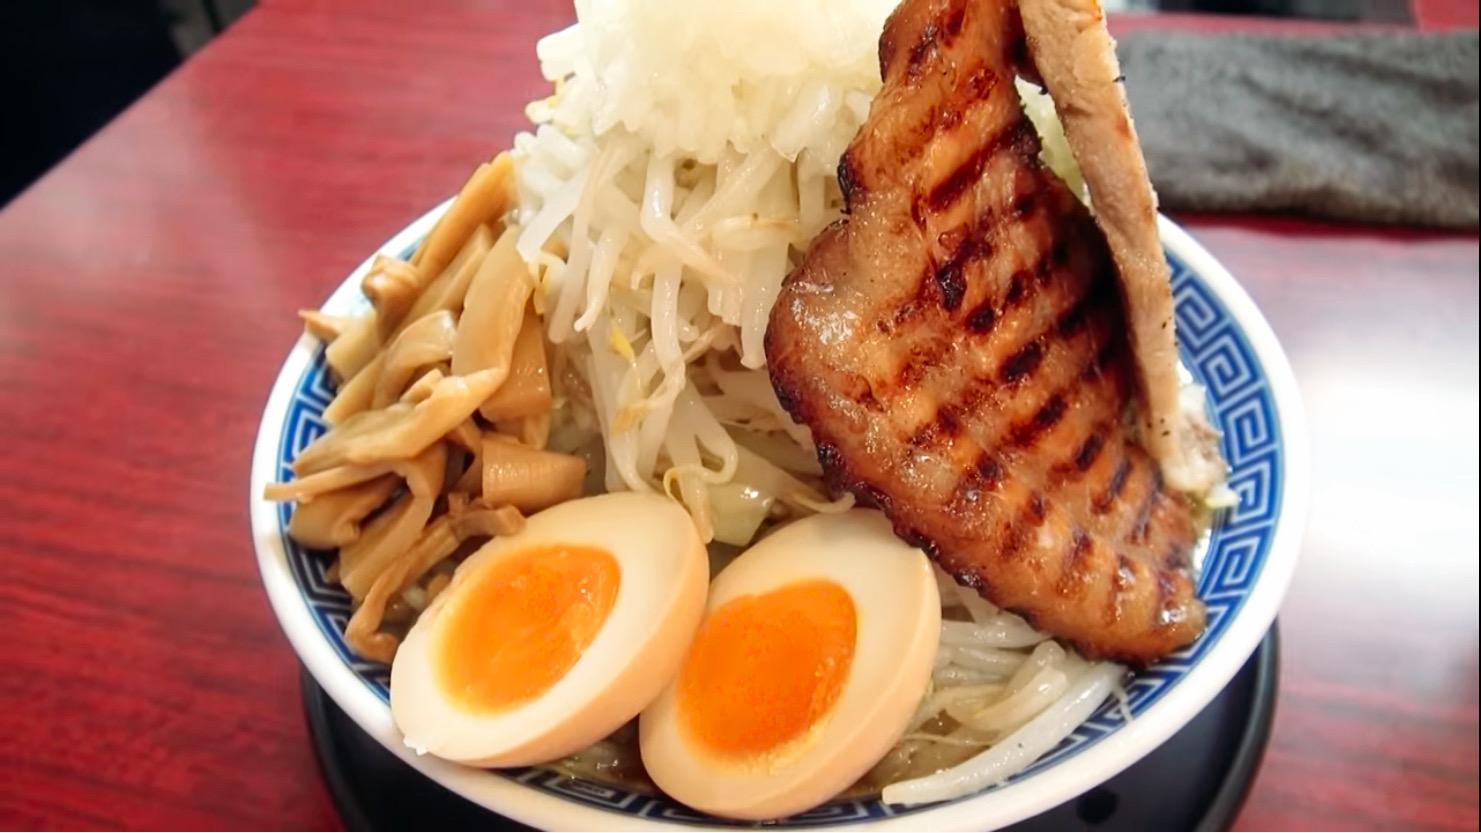 【匠神 角ふじ 柏店】特製ふじ麺 (千葉県柏市) 第142回